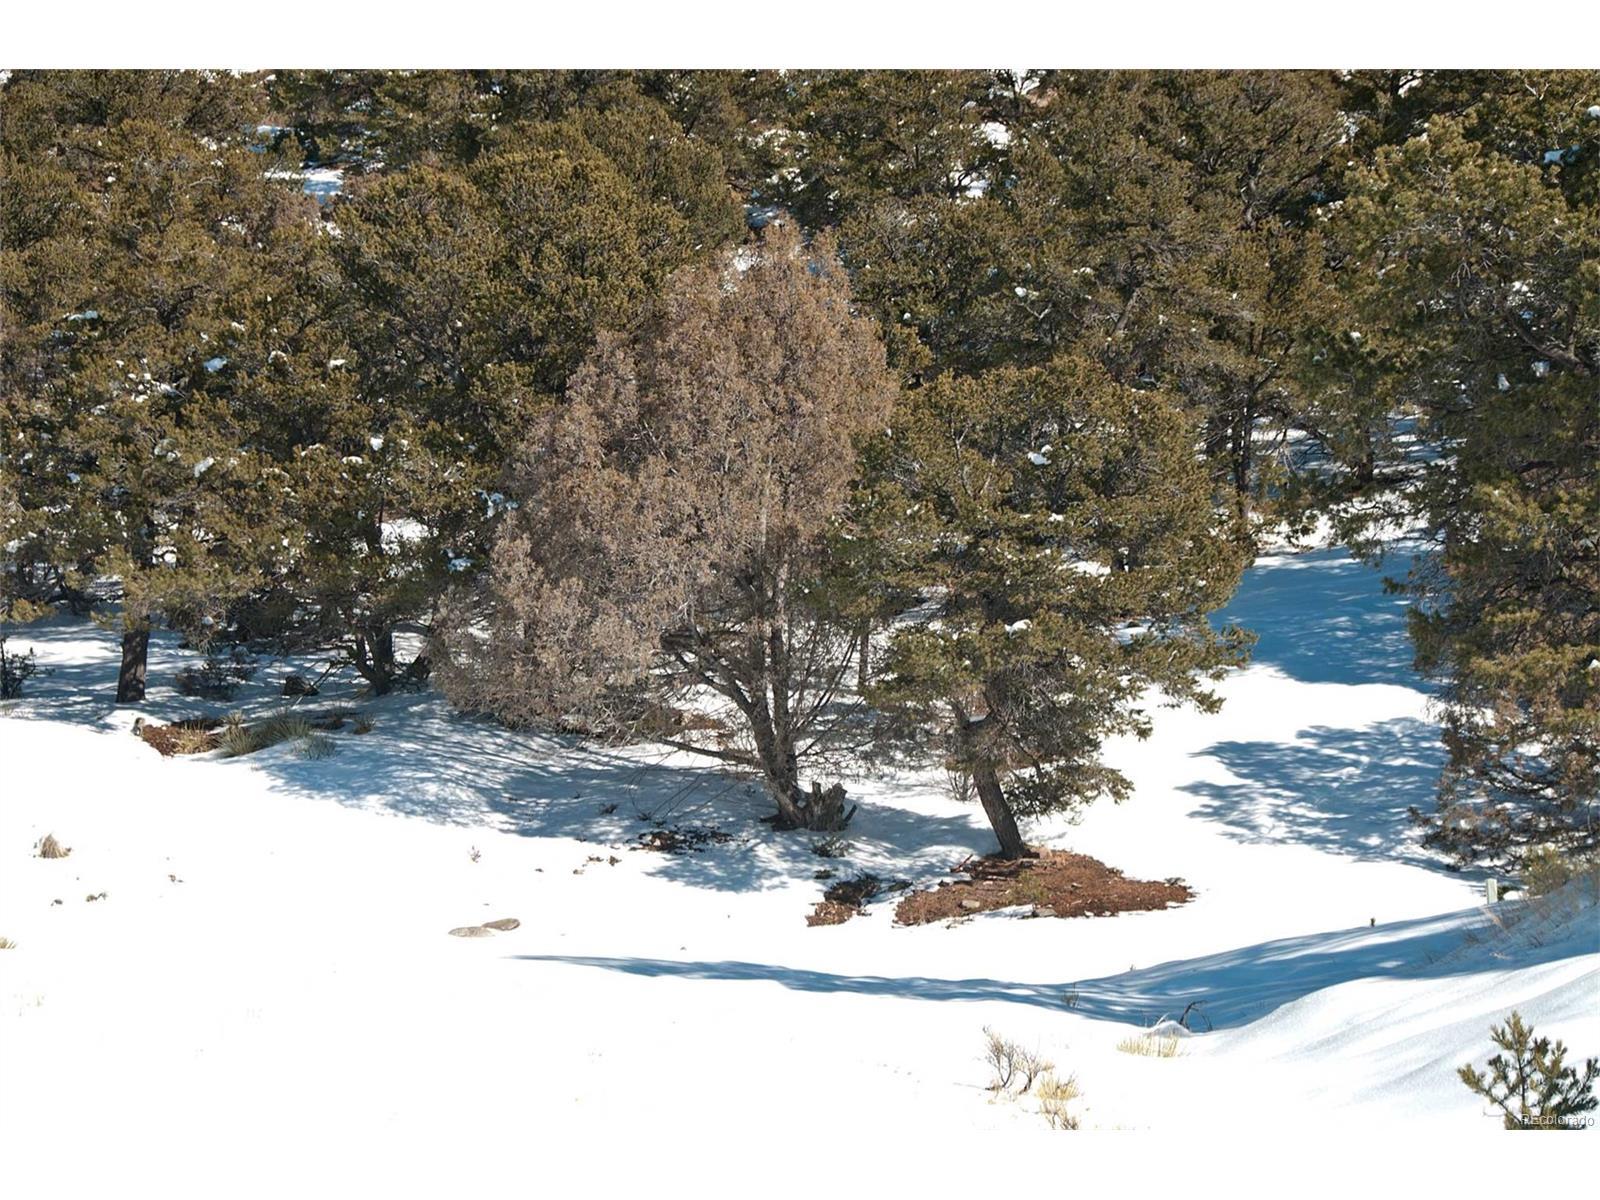 4312 & 4313 Craggy Bluff Ol, Crestone, CO 81131 - Crestone, CO real estate listing